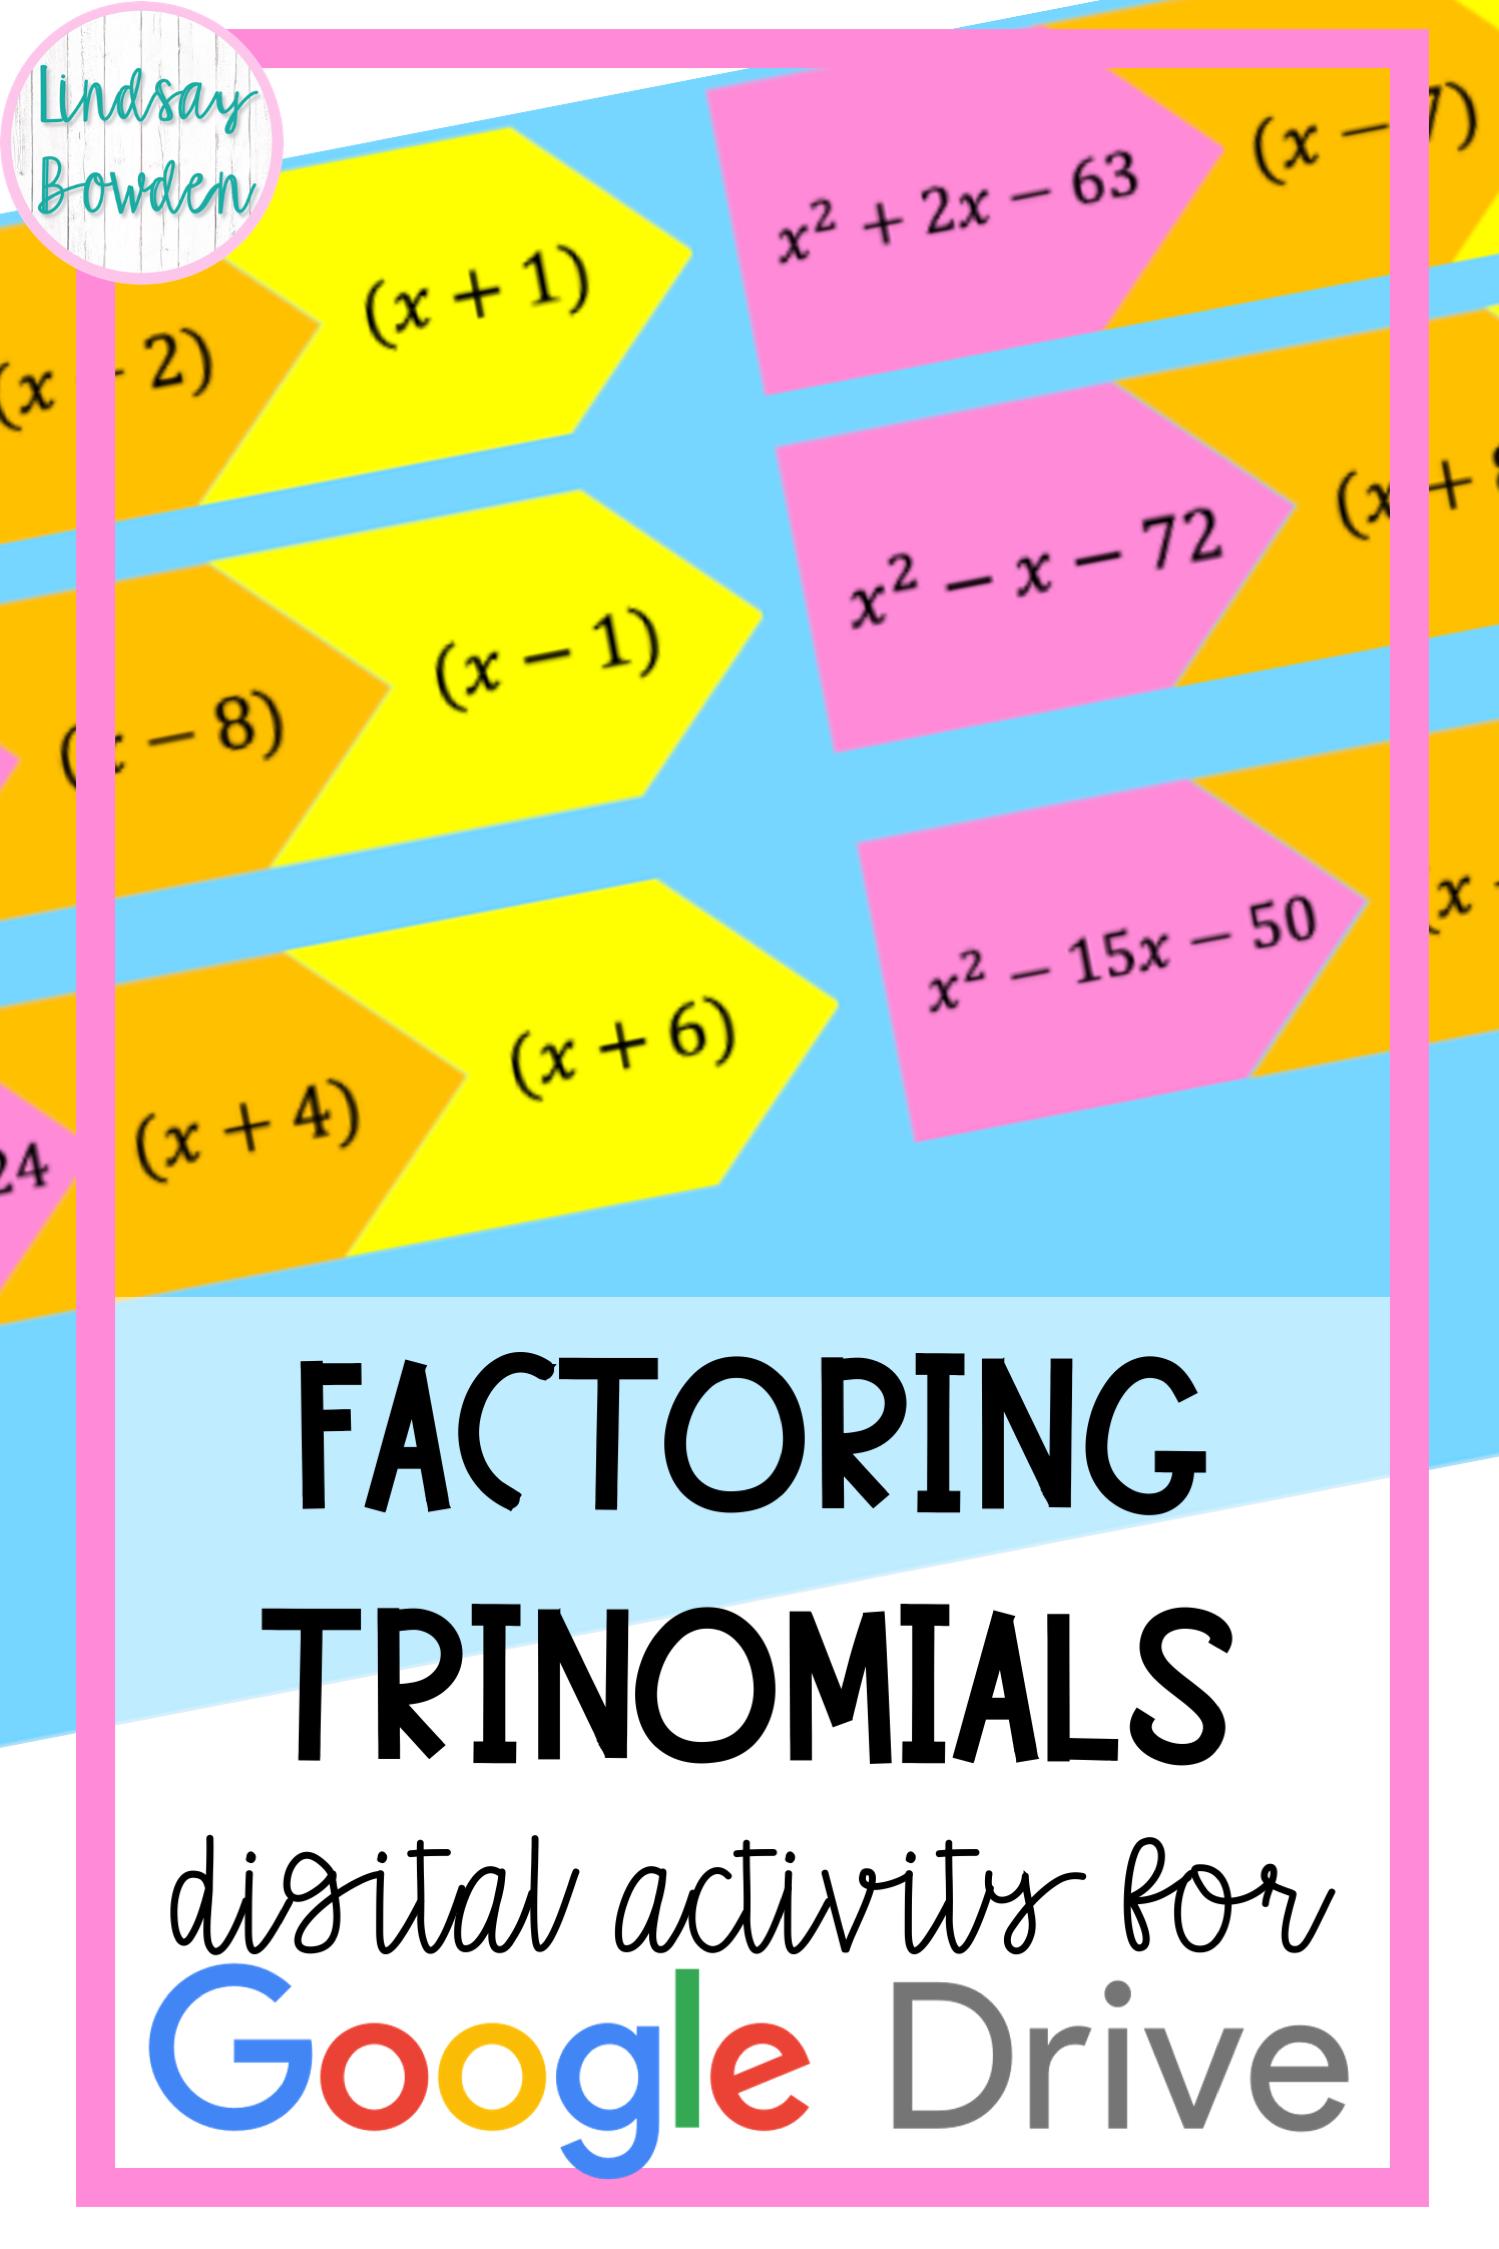 Factoring Trinomials Digital Activity In 2020 High School Math Activities Digital Activities School Algebra [ 2249 x 1499 Pixel ]